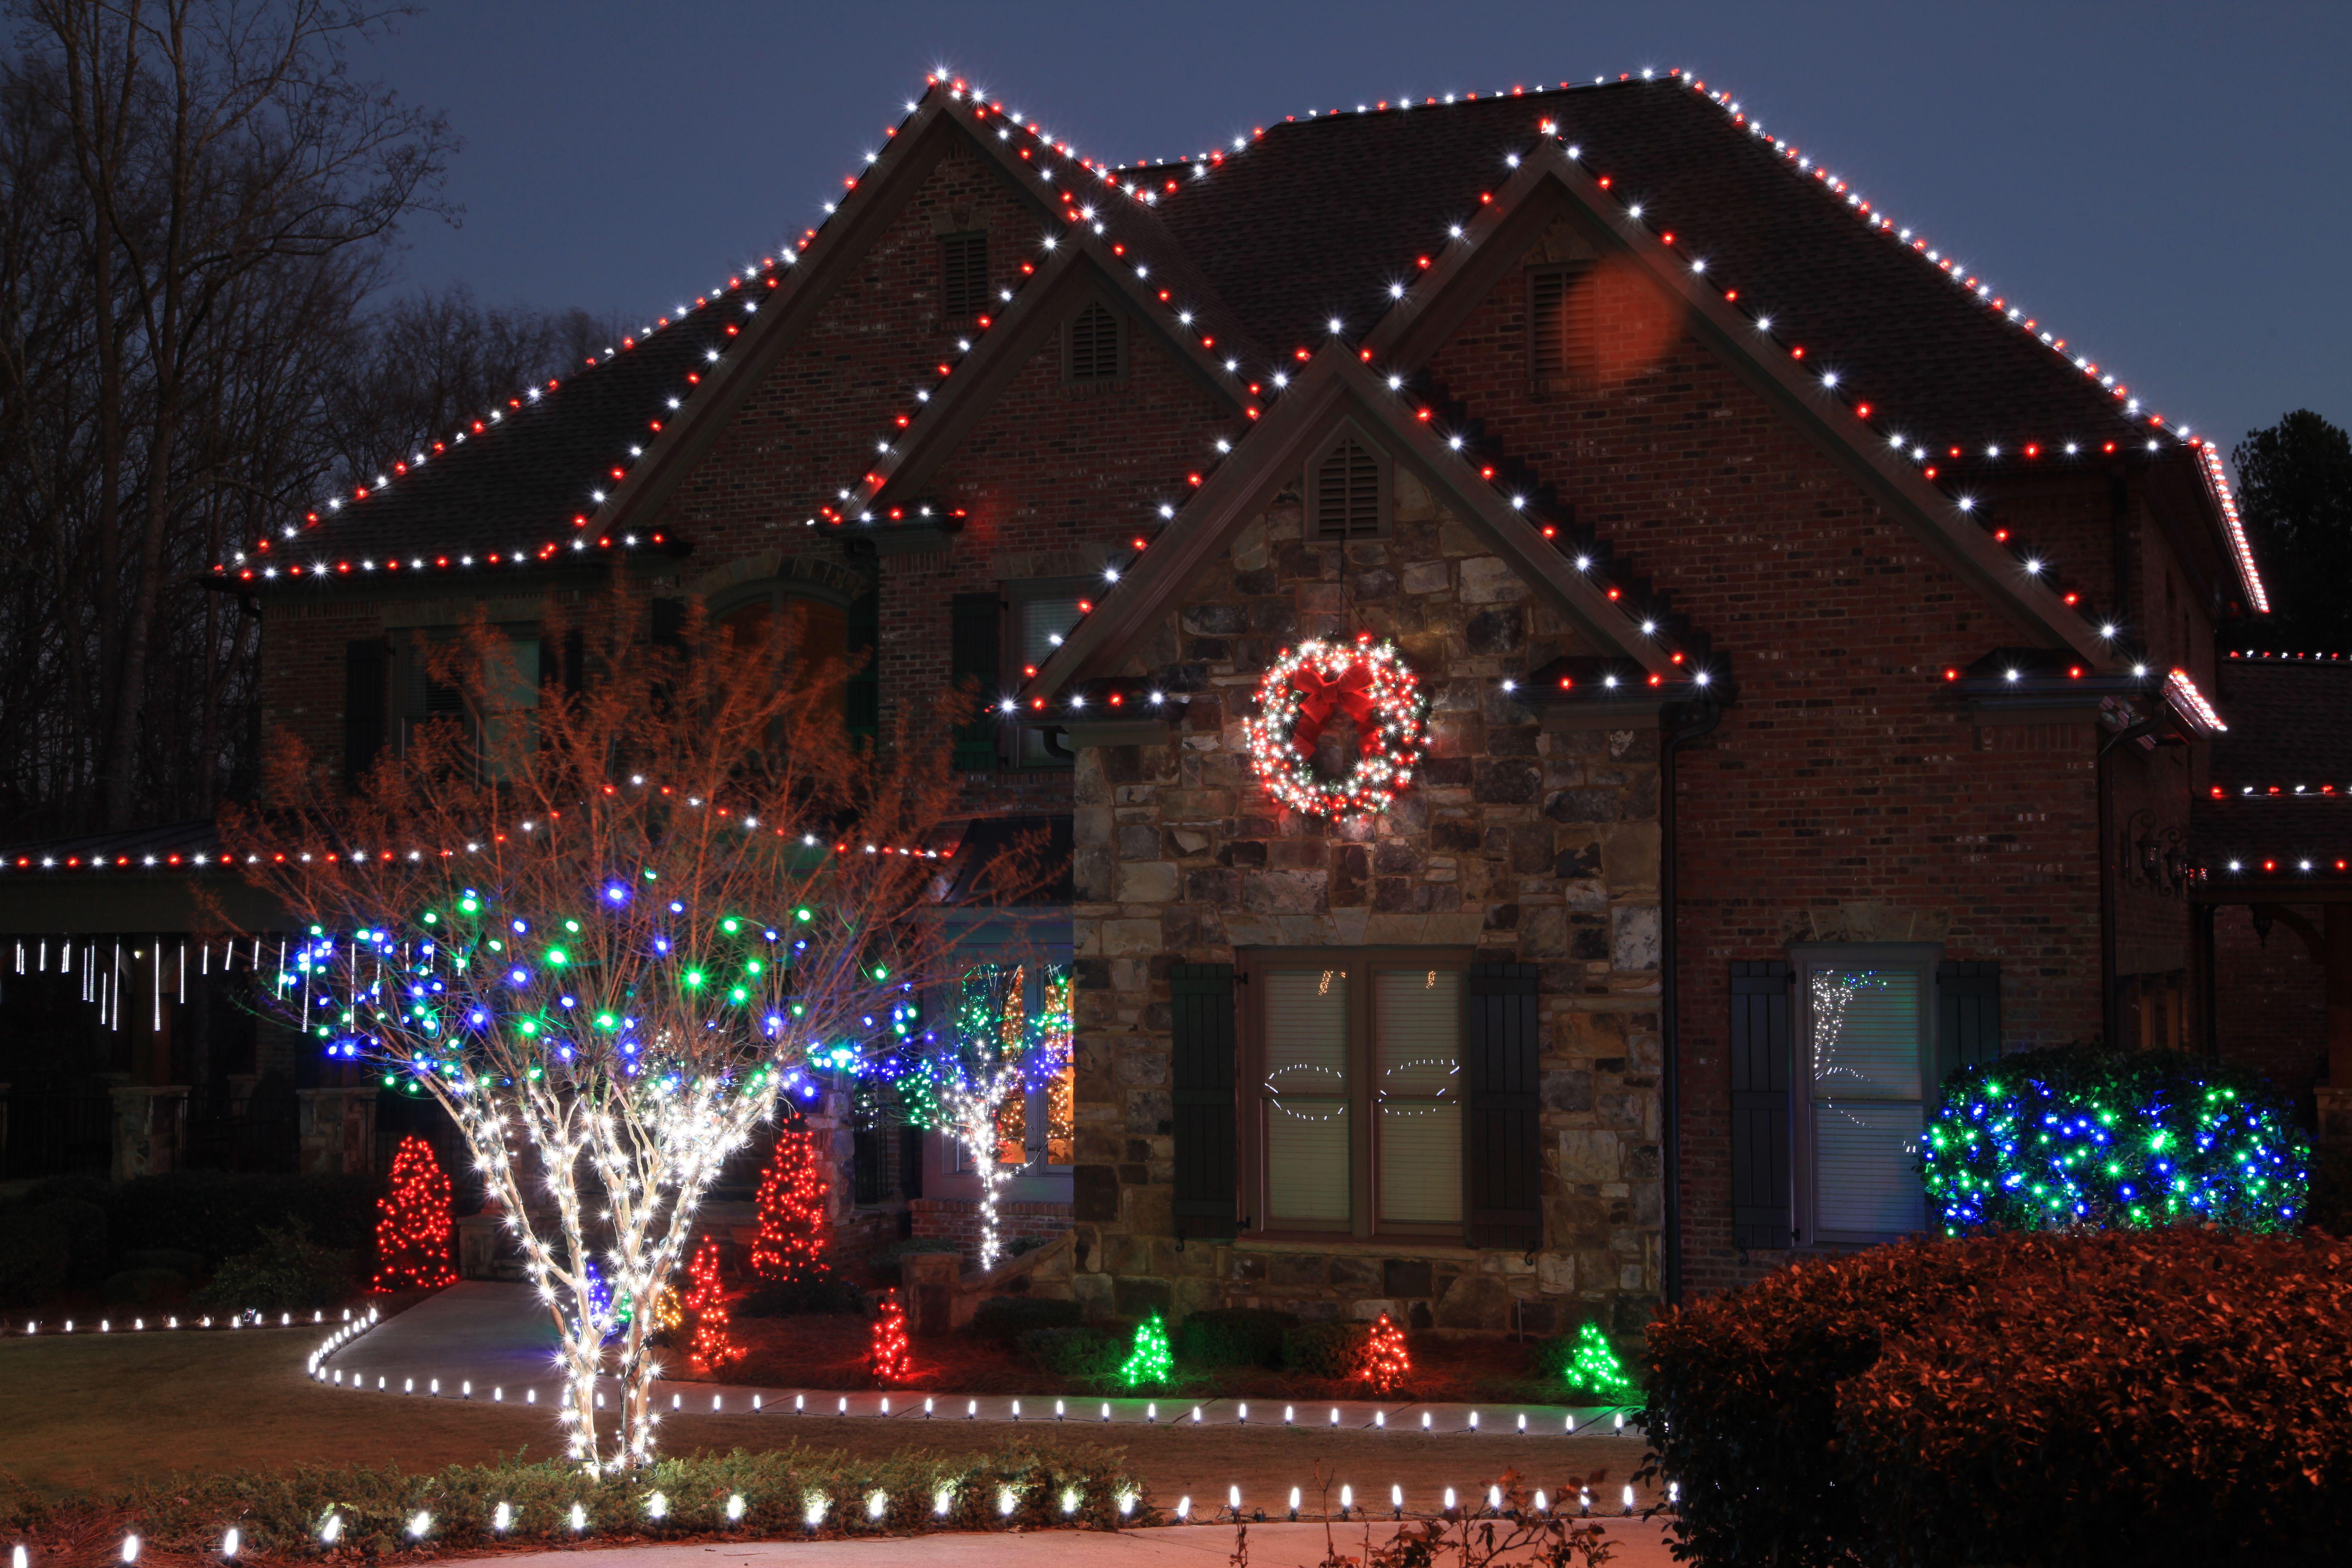 Led Christmas Lights Christmas Lights Etc Christmas Lights Outside Indoor Christmas Lights Hanging Christmas Lights